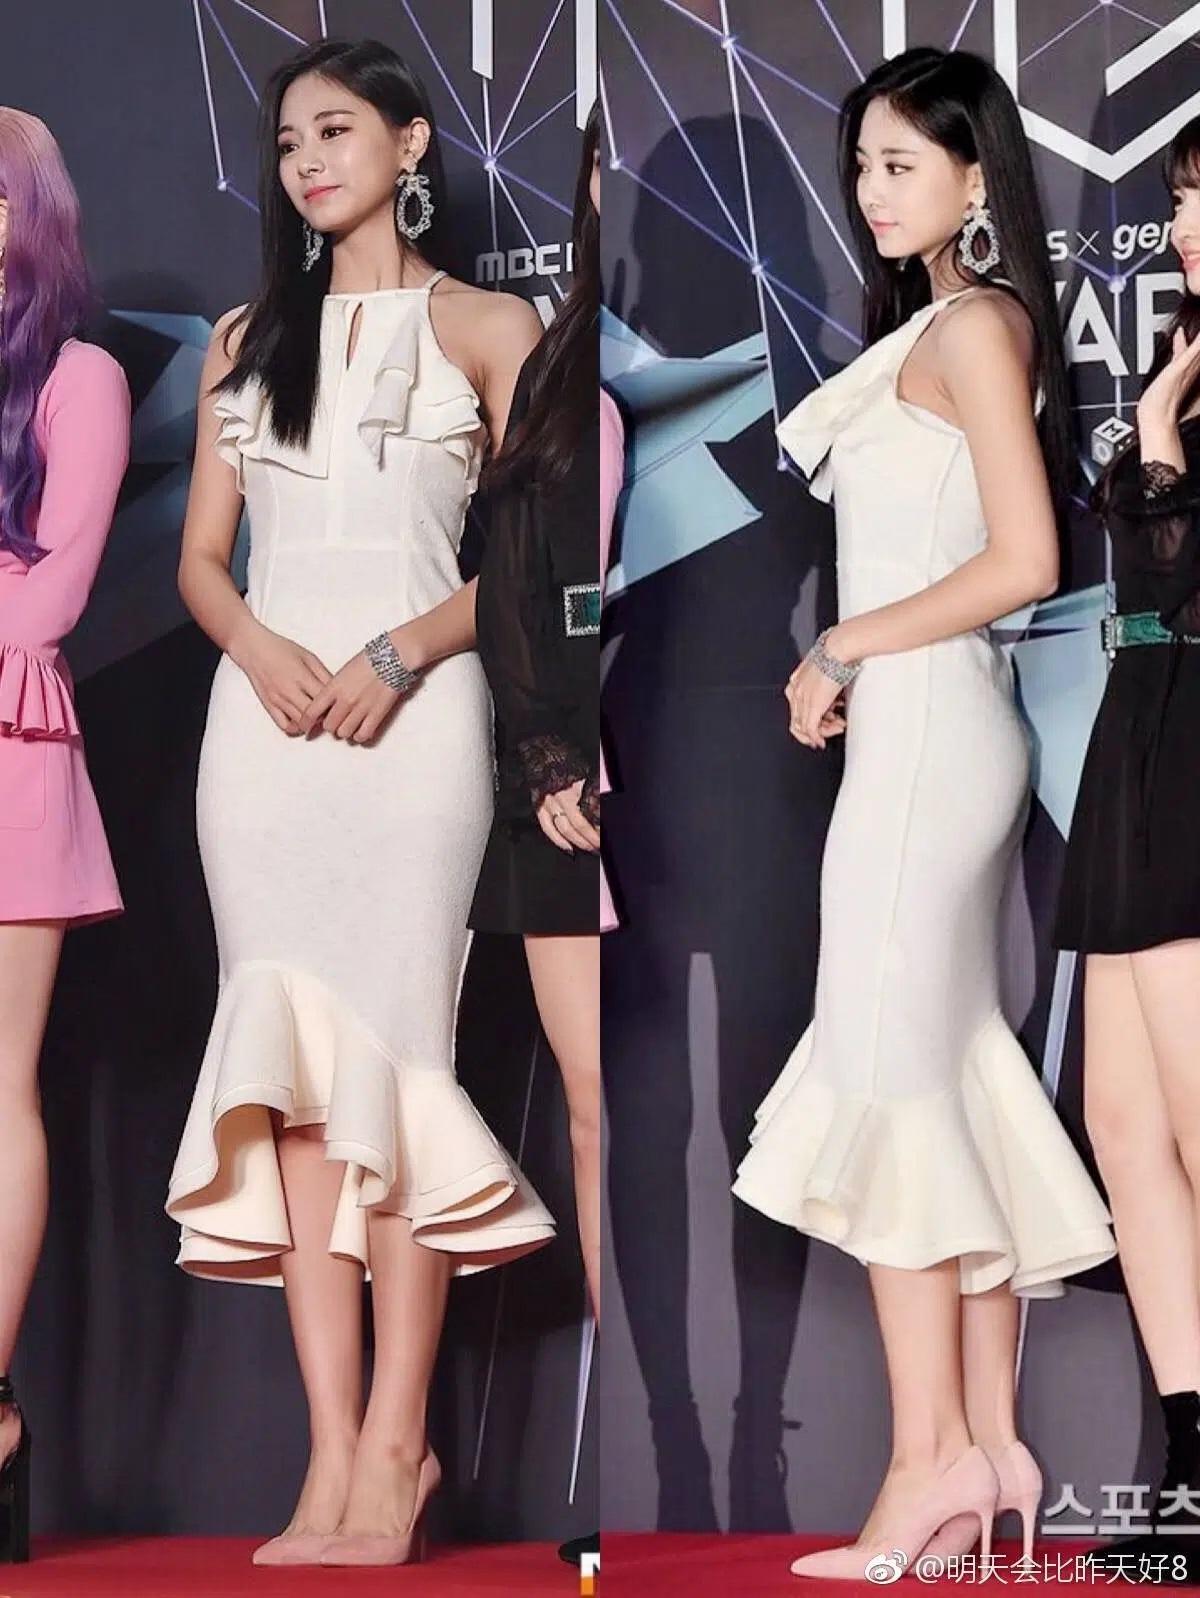 3 mỹ nhân body đẹp nhất Twice, style đơn giản hết sức cũng đủ khiến dân tình mê mệt không lối thoát - Ảnh 12.